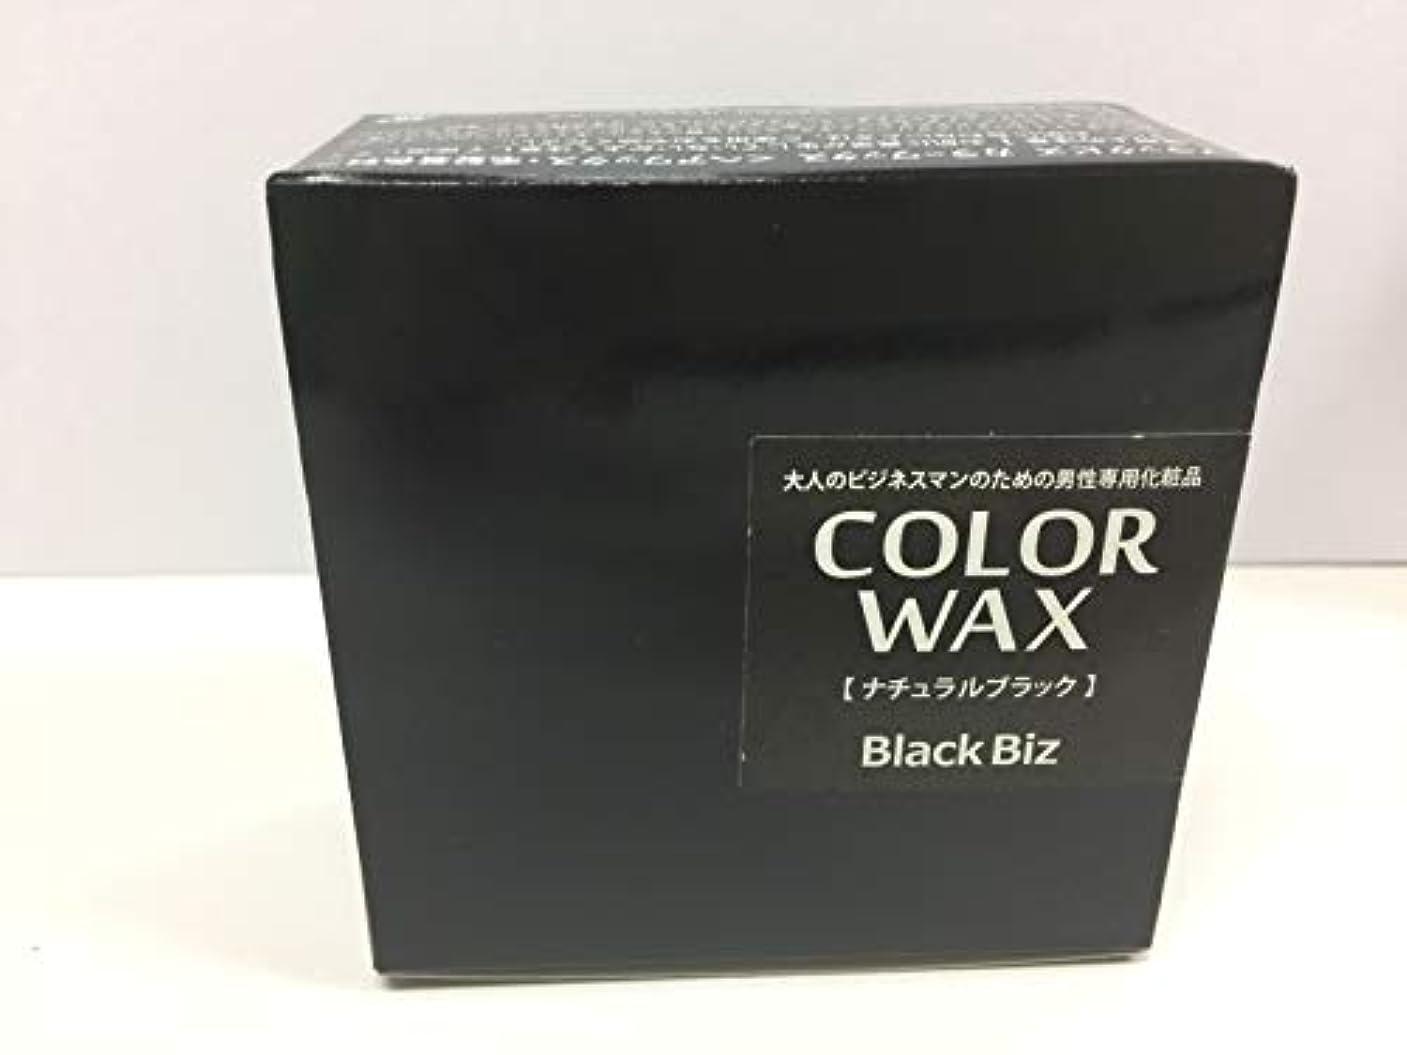 ご意見あたたかい大人のビジネスマンのための男性専用化粧品 BlackBiz COLOR WAX ブラックビズ カラーワックス 【ナチュラルブラック】